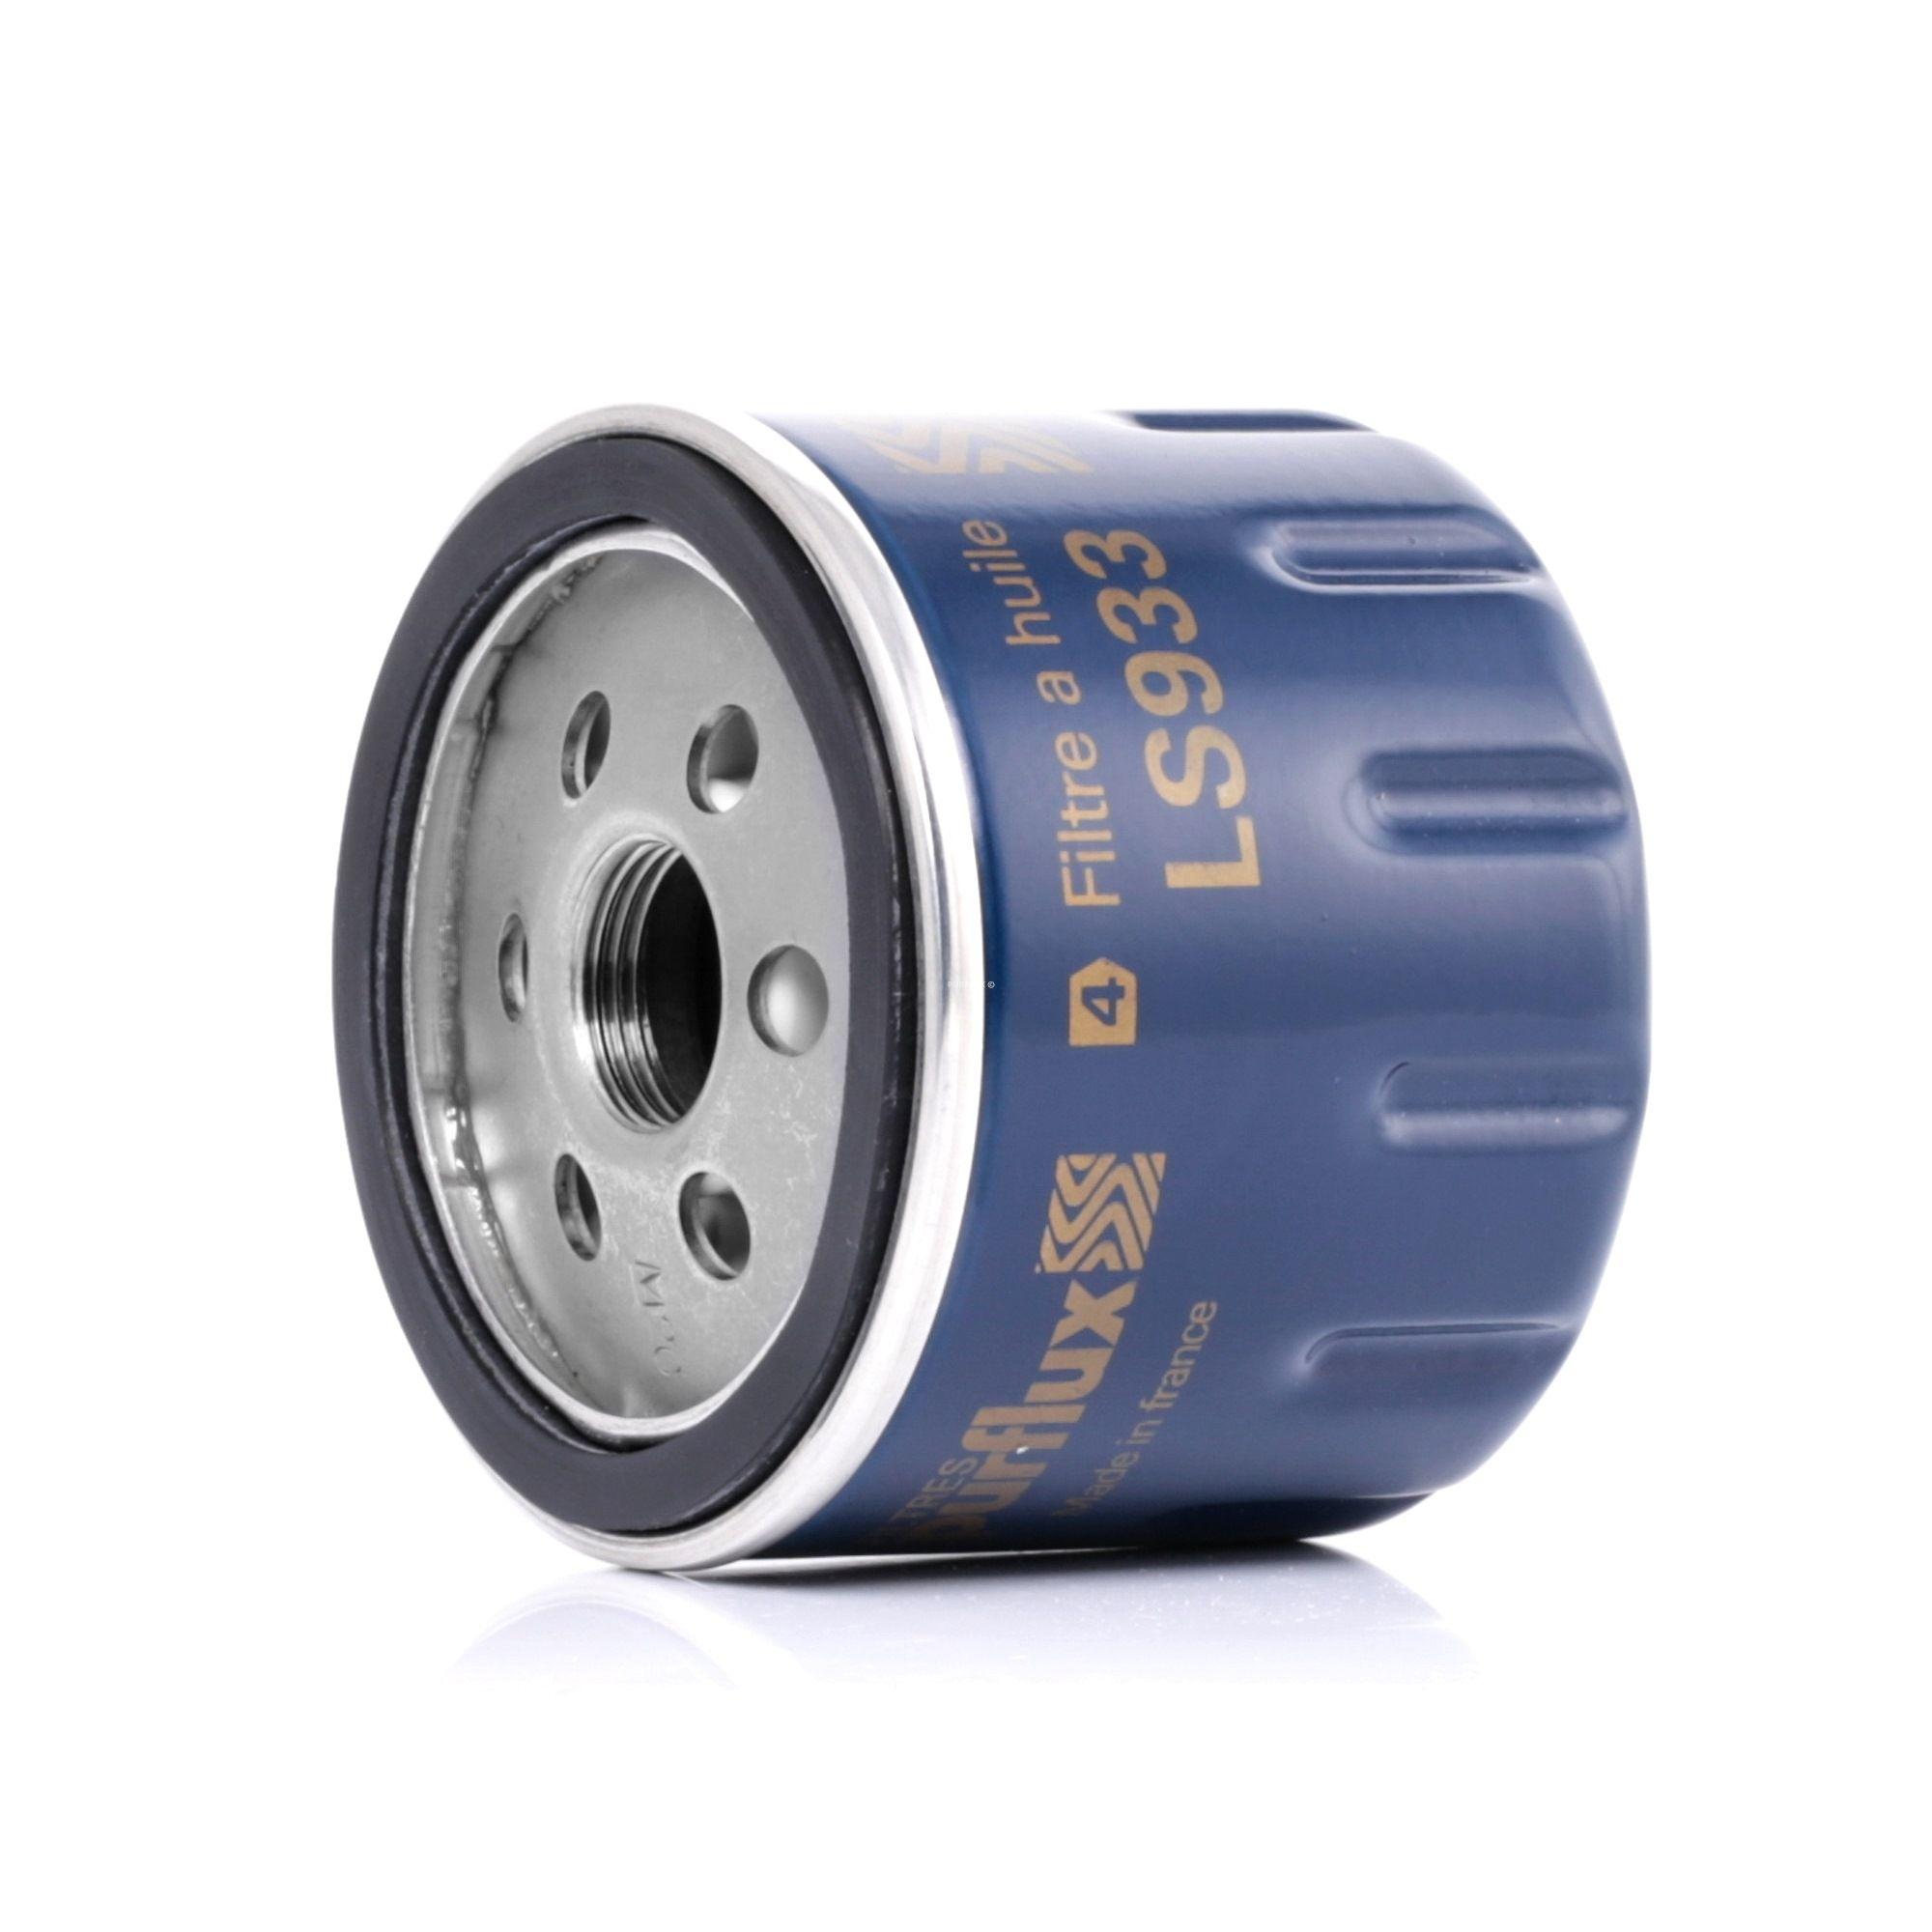 Pieces d'origine: Filtre à huile PURFLUX LS933 (Ø: 76mm, Hauteur: 63mm) - Achetez tout de suite!